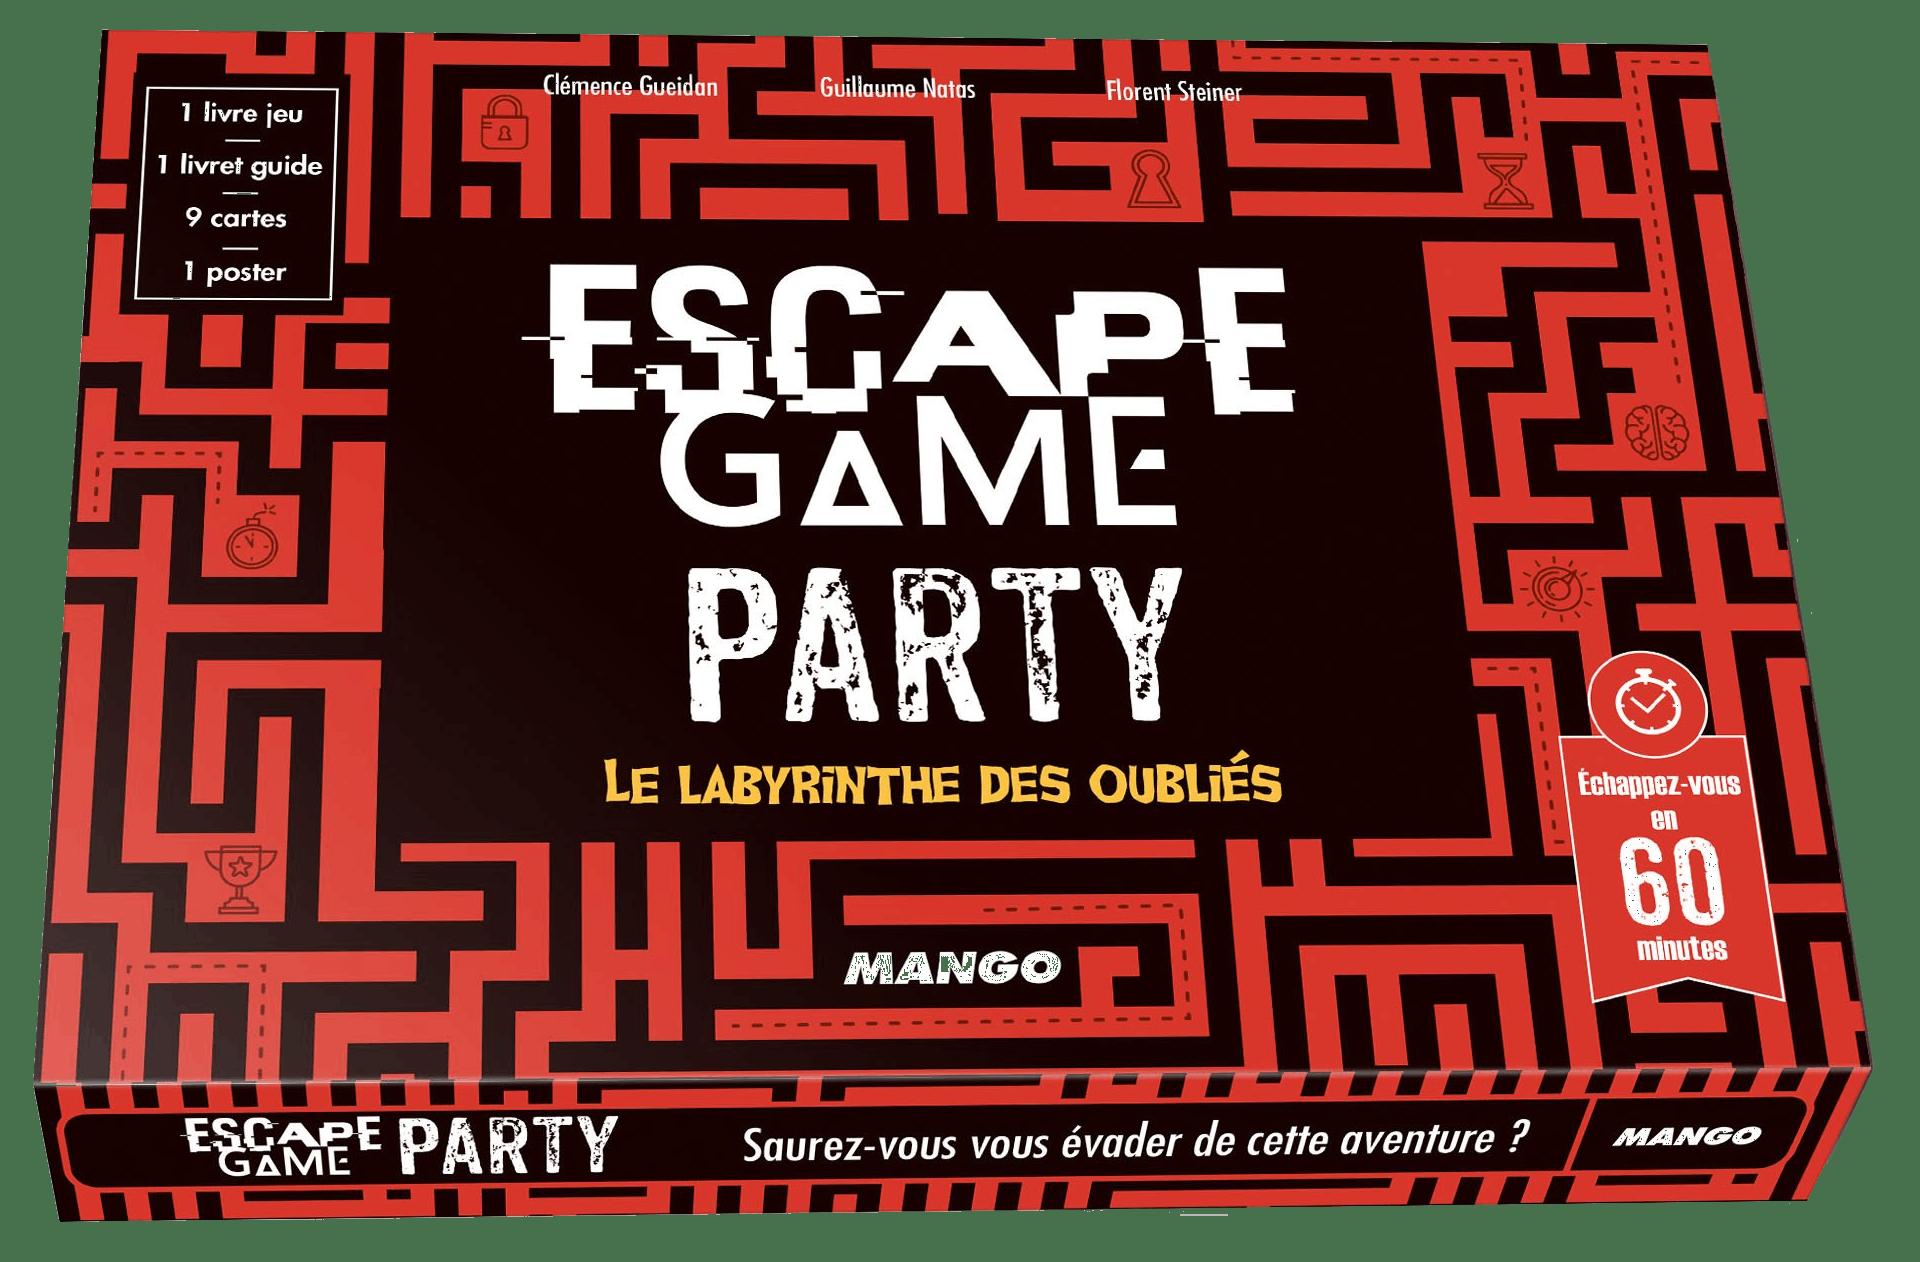 Escape Game Party : Le Labyrinthe des Oubliés